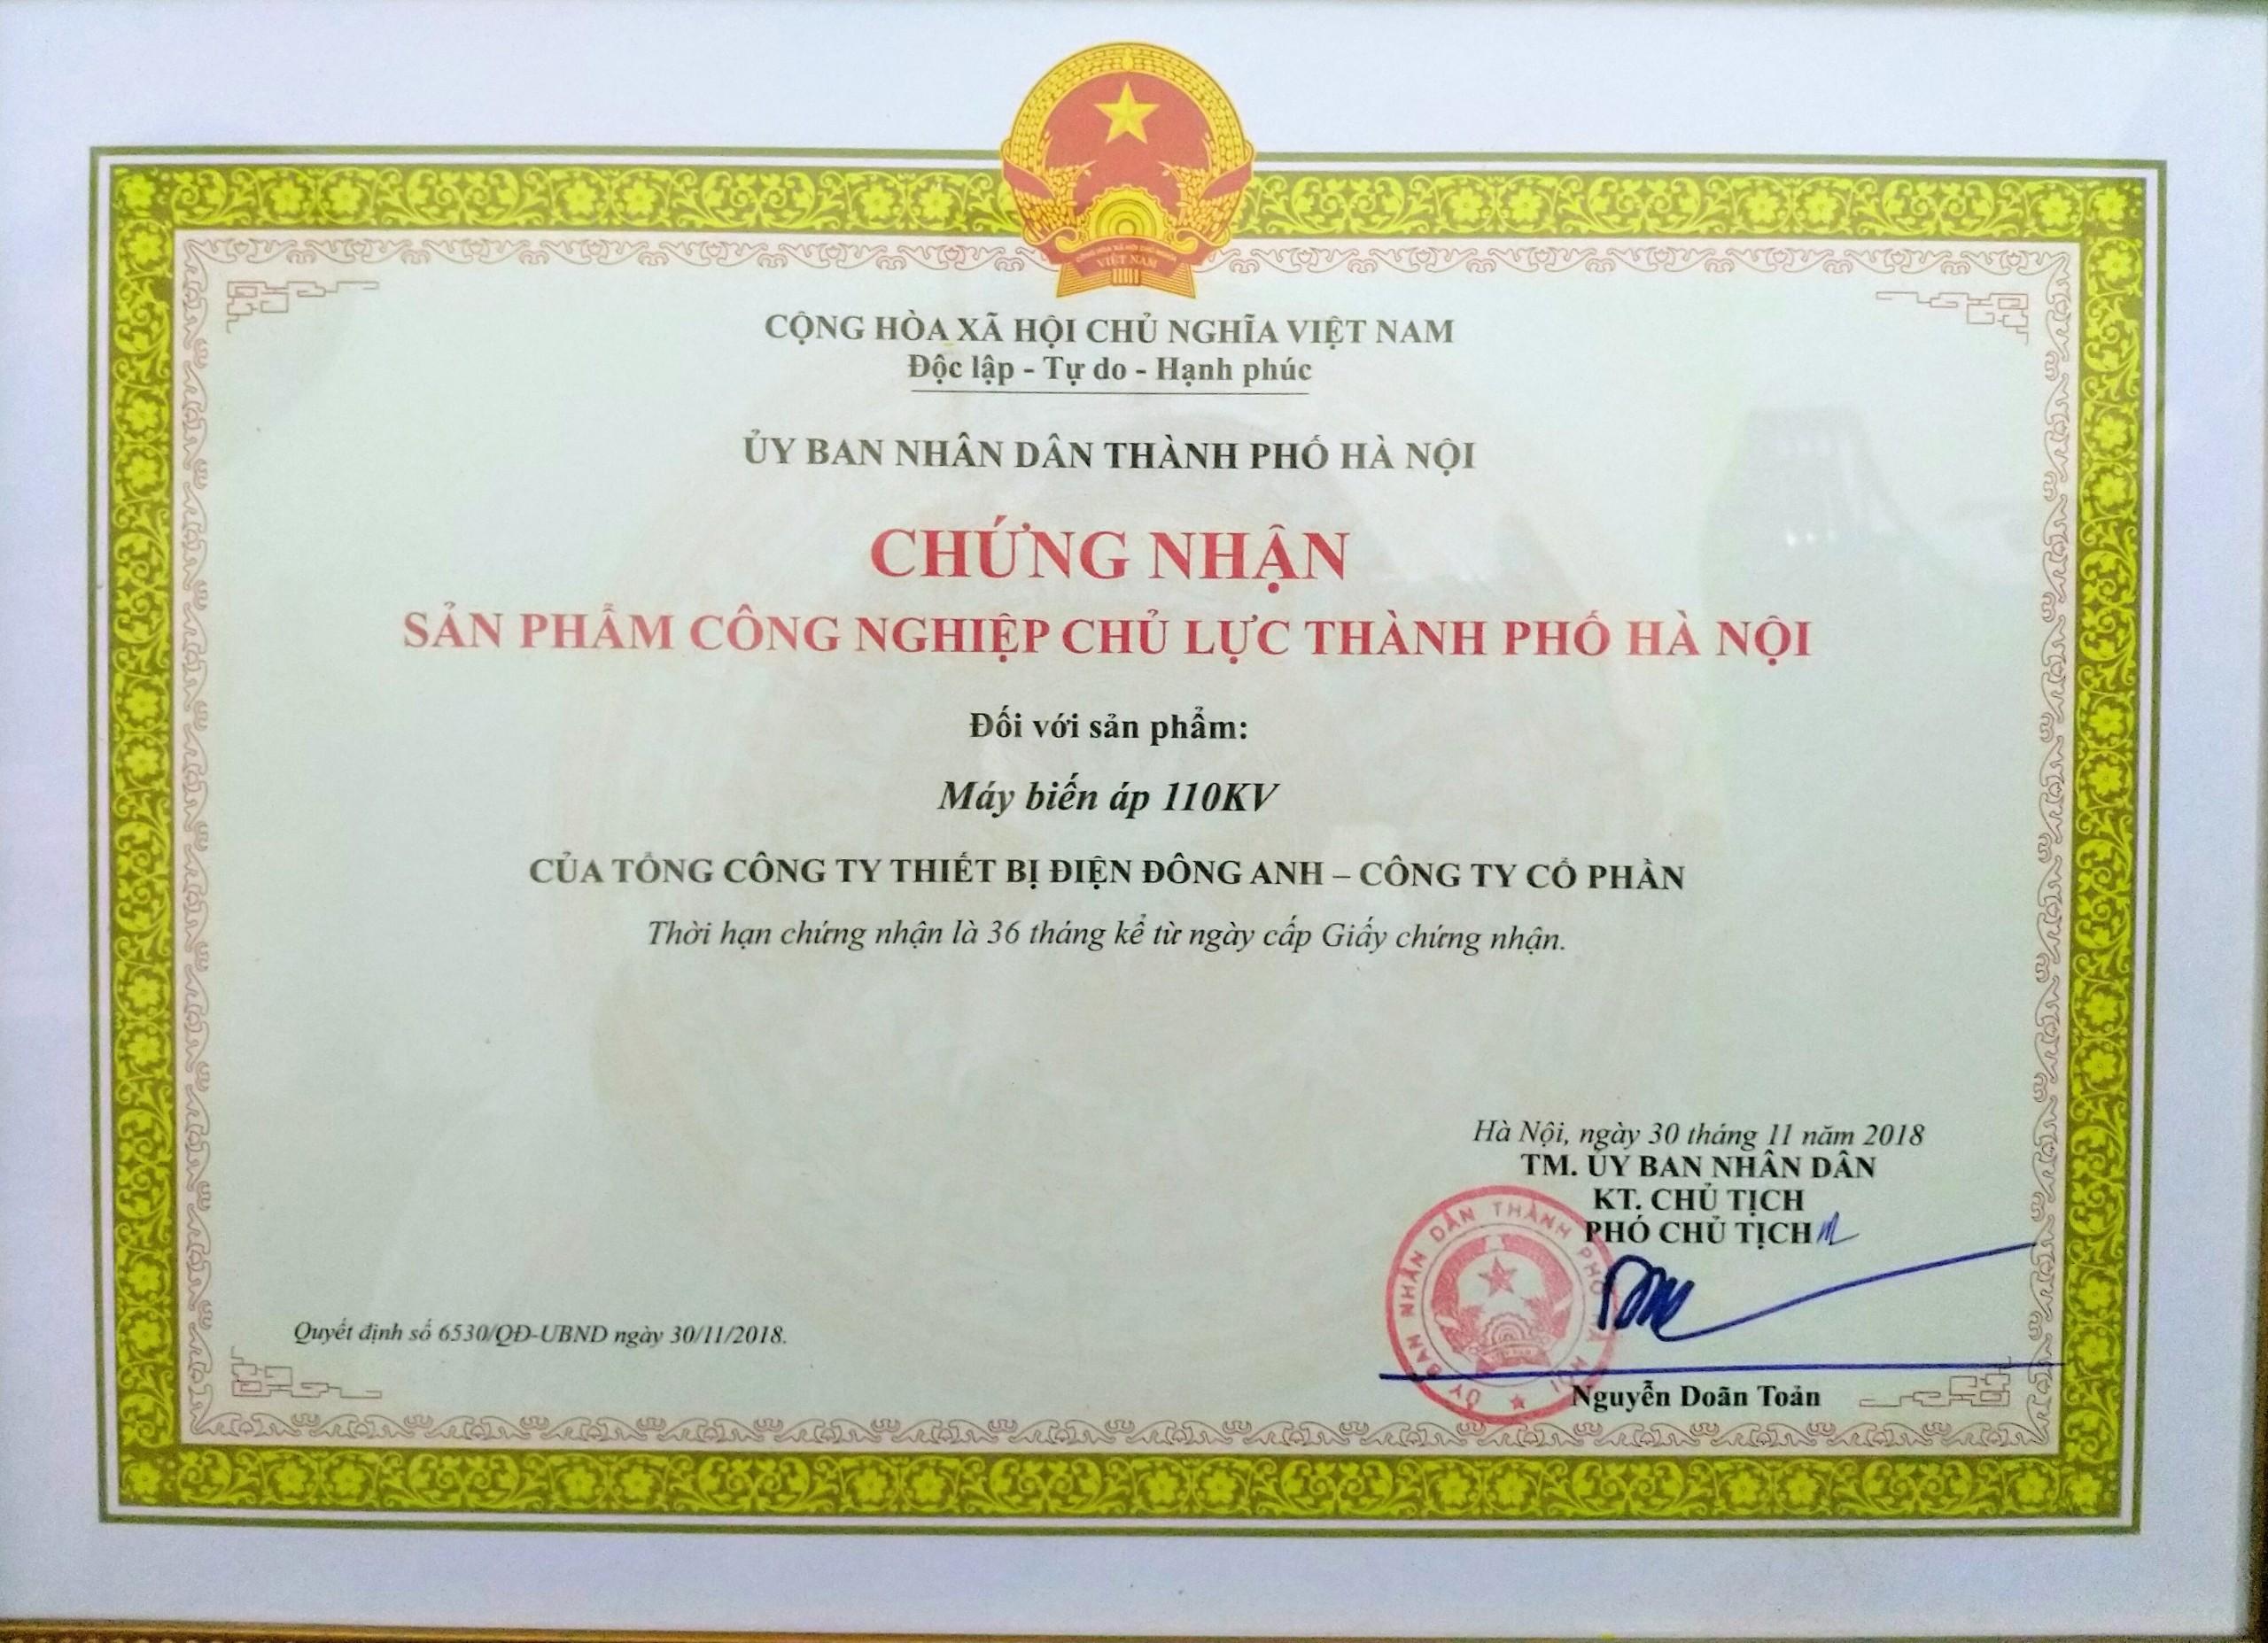 EEMC – Doanh nghiệp có Sản phẩm công nghiệp chủ lực Thành phố Hà Nội 2018